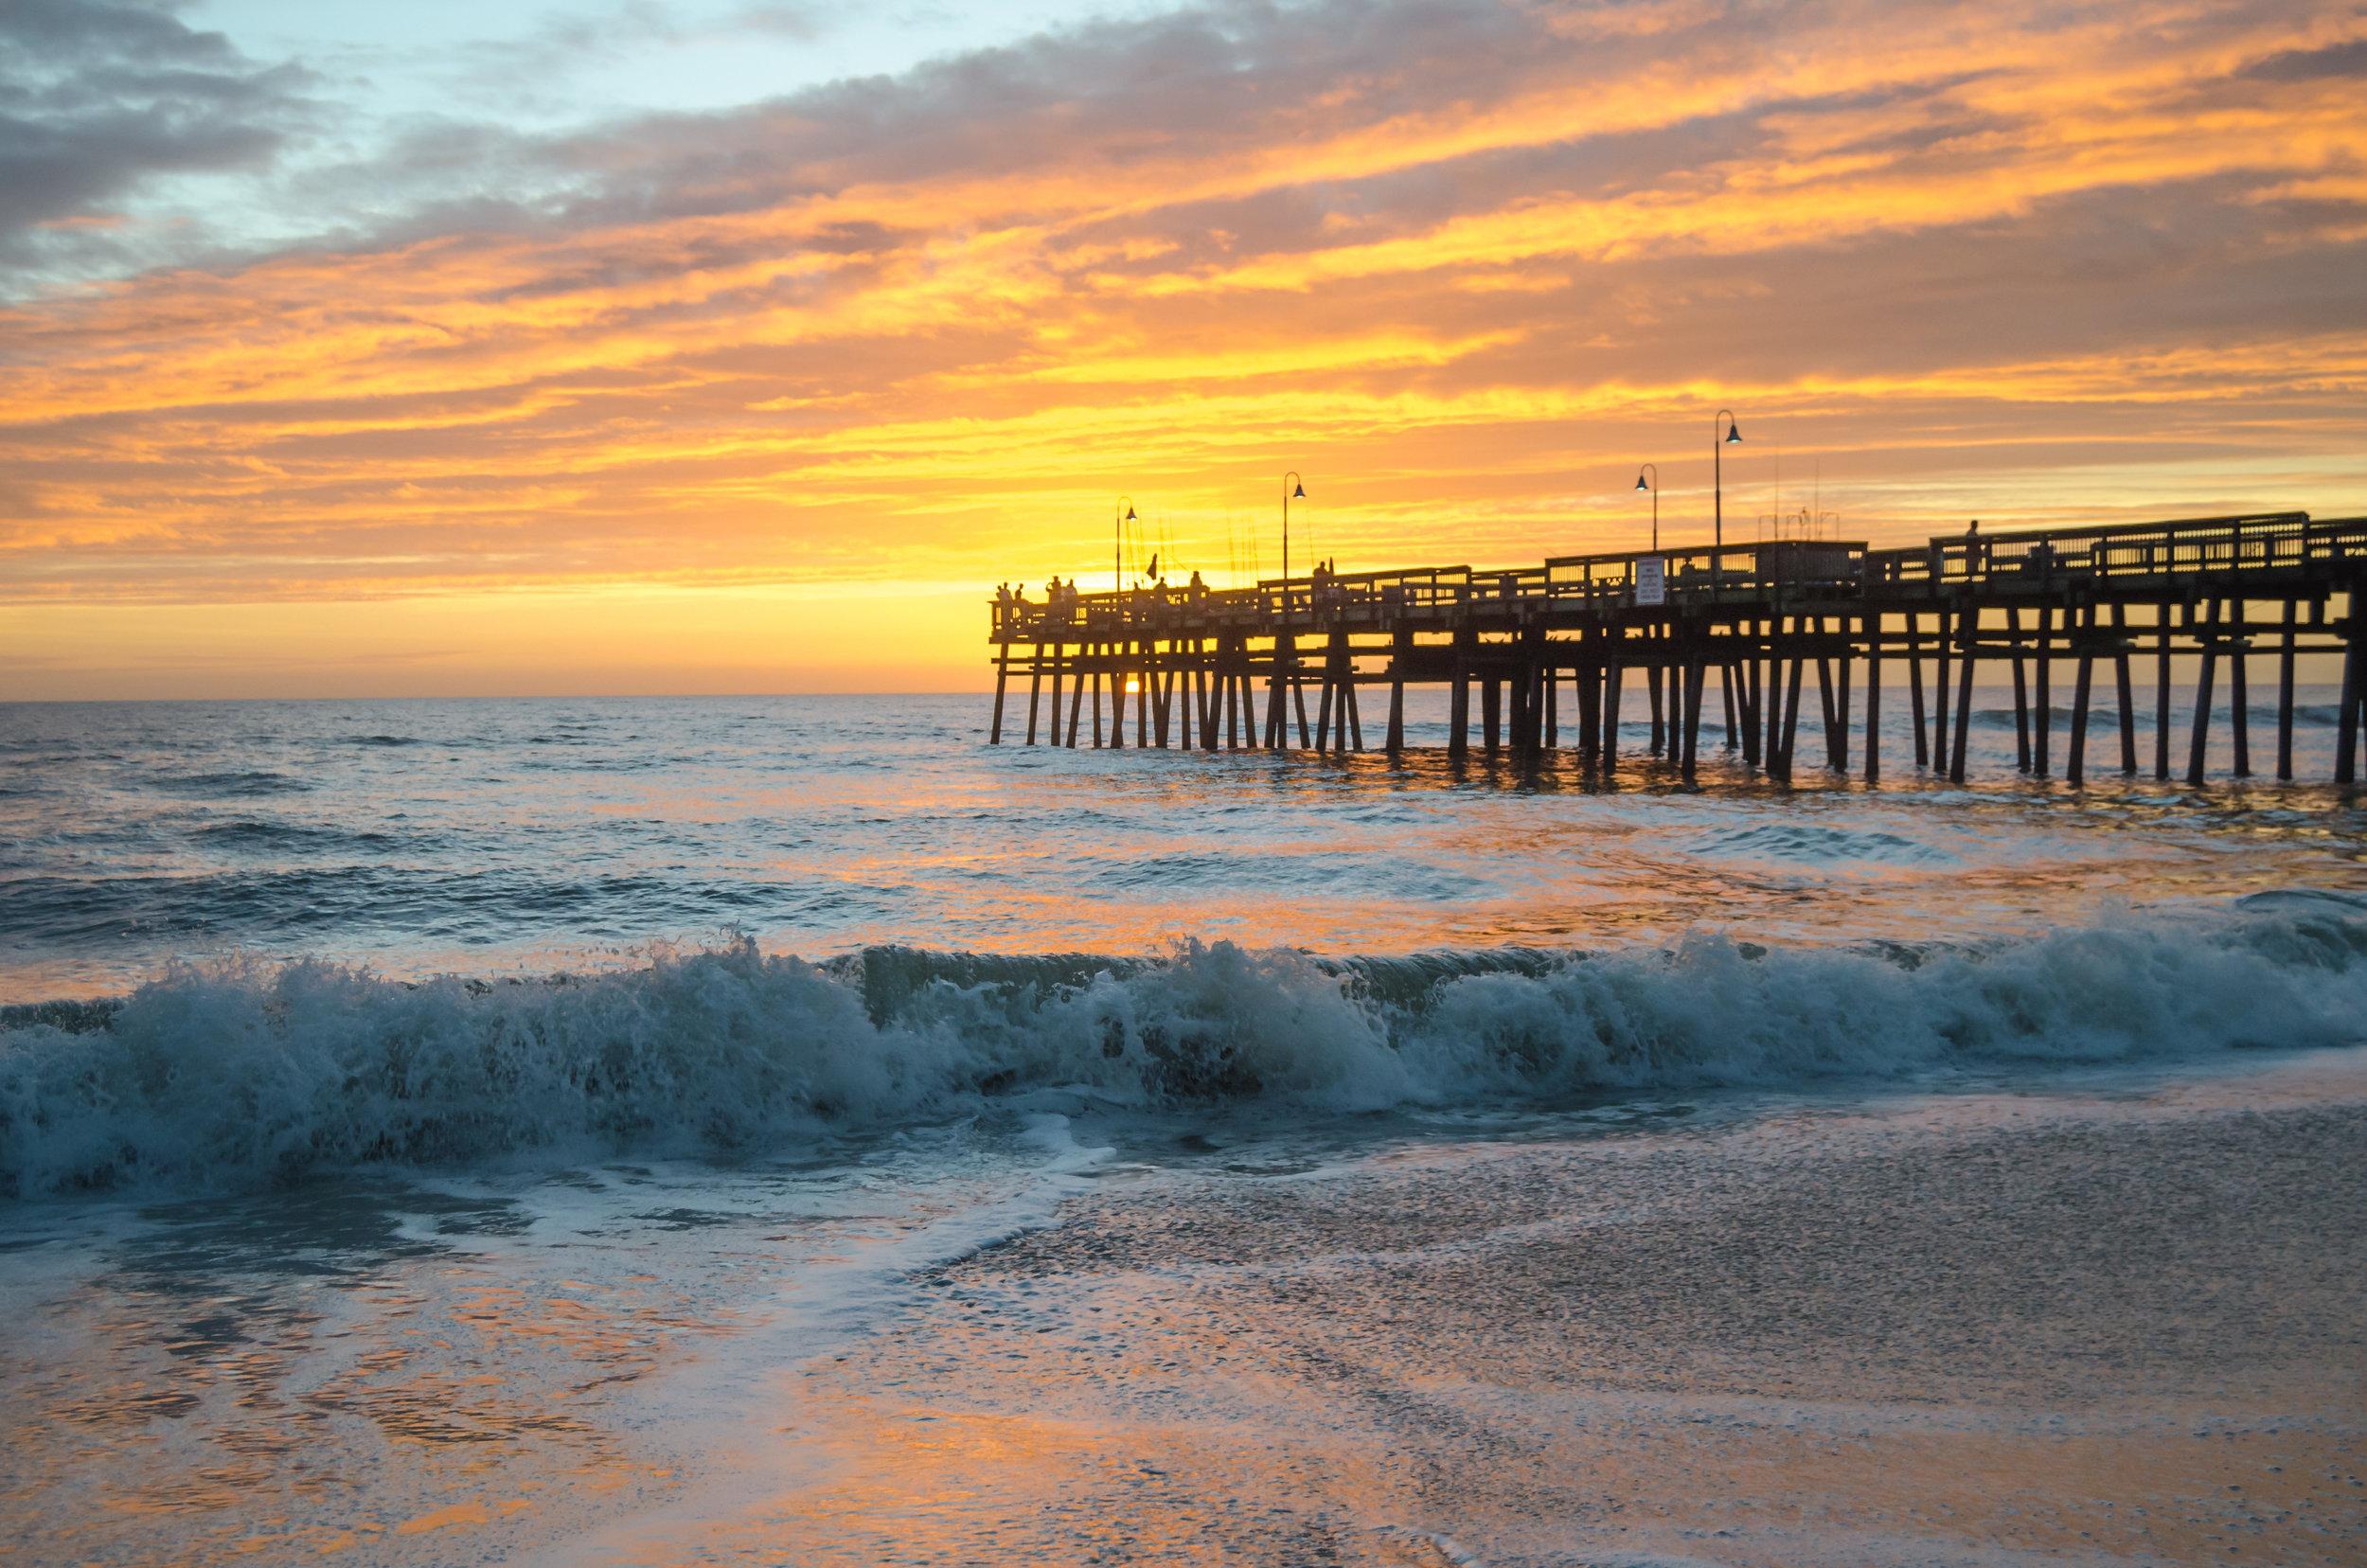 sandbridge-sandbridge pier-sandbridge beach-pier-sunrise-dawn-Virginia Beach-Virginia-wave-beach.jpg